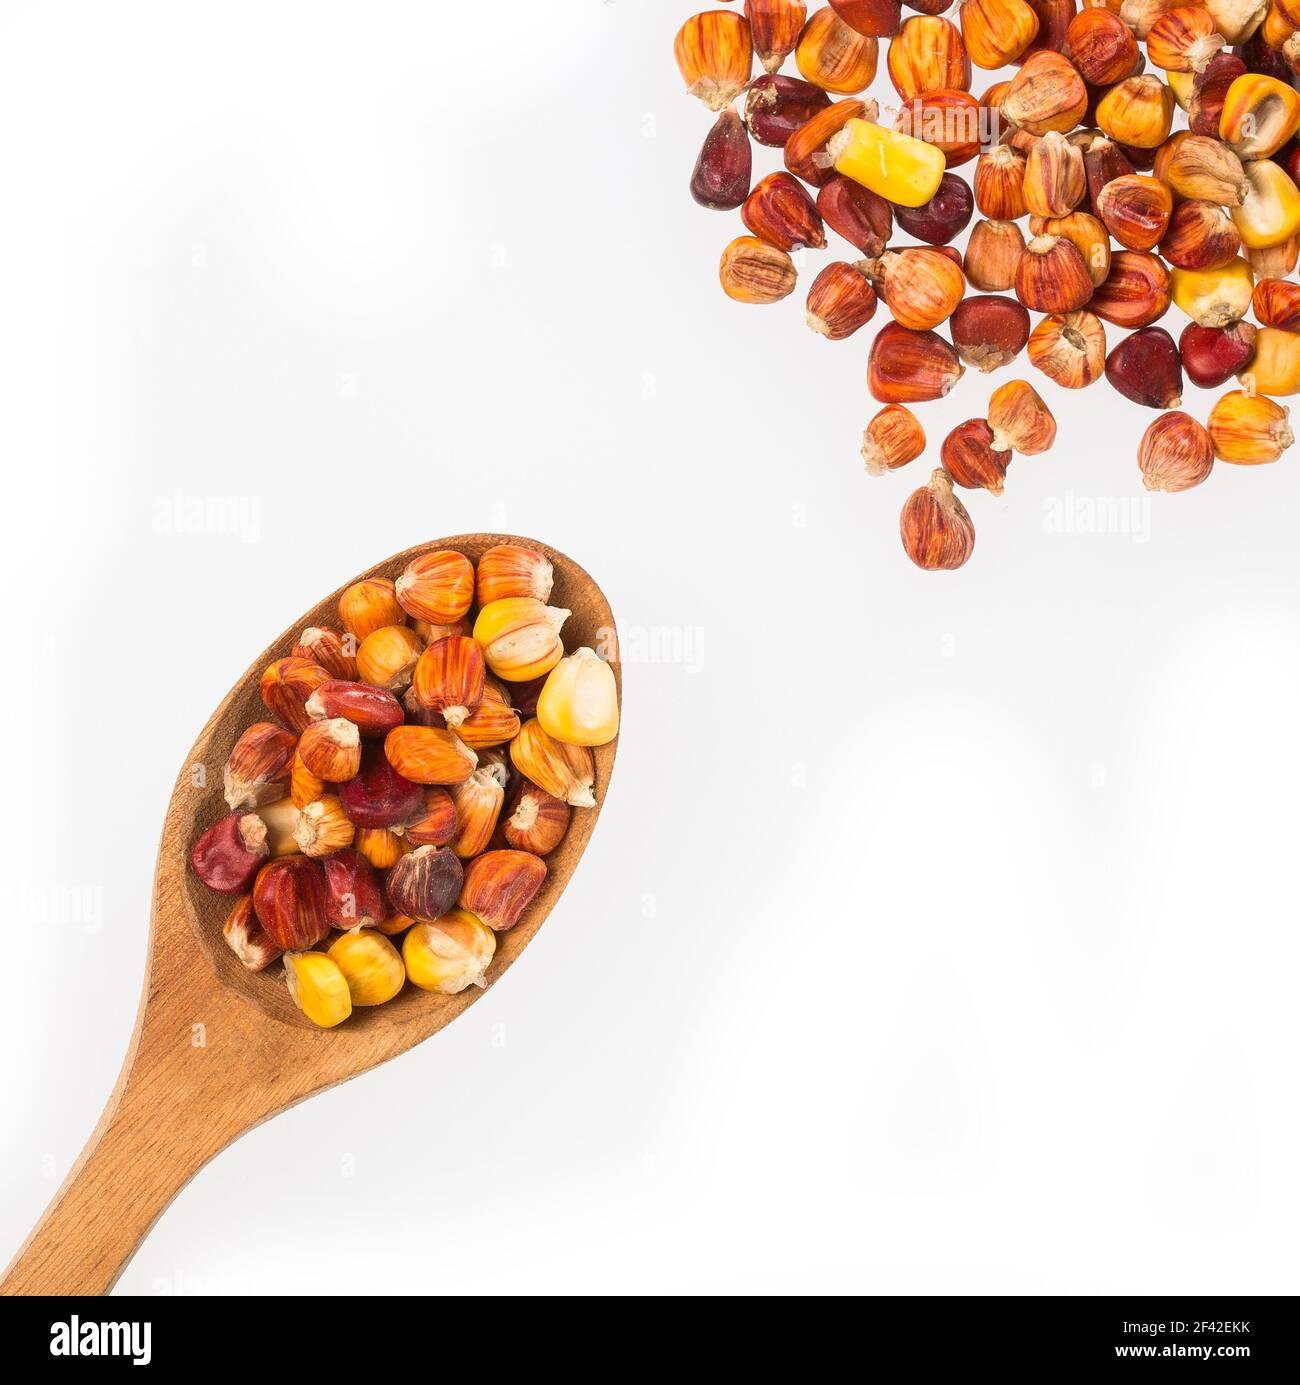 Variété de maïs créole de la région colombienne des Caraïbes - Zea mays Banque D'Images